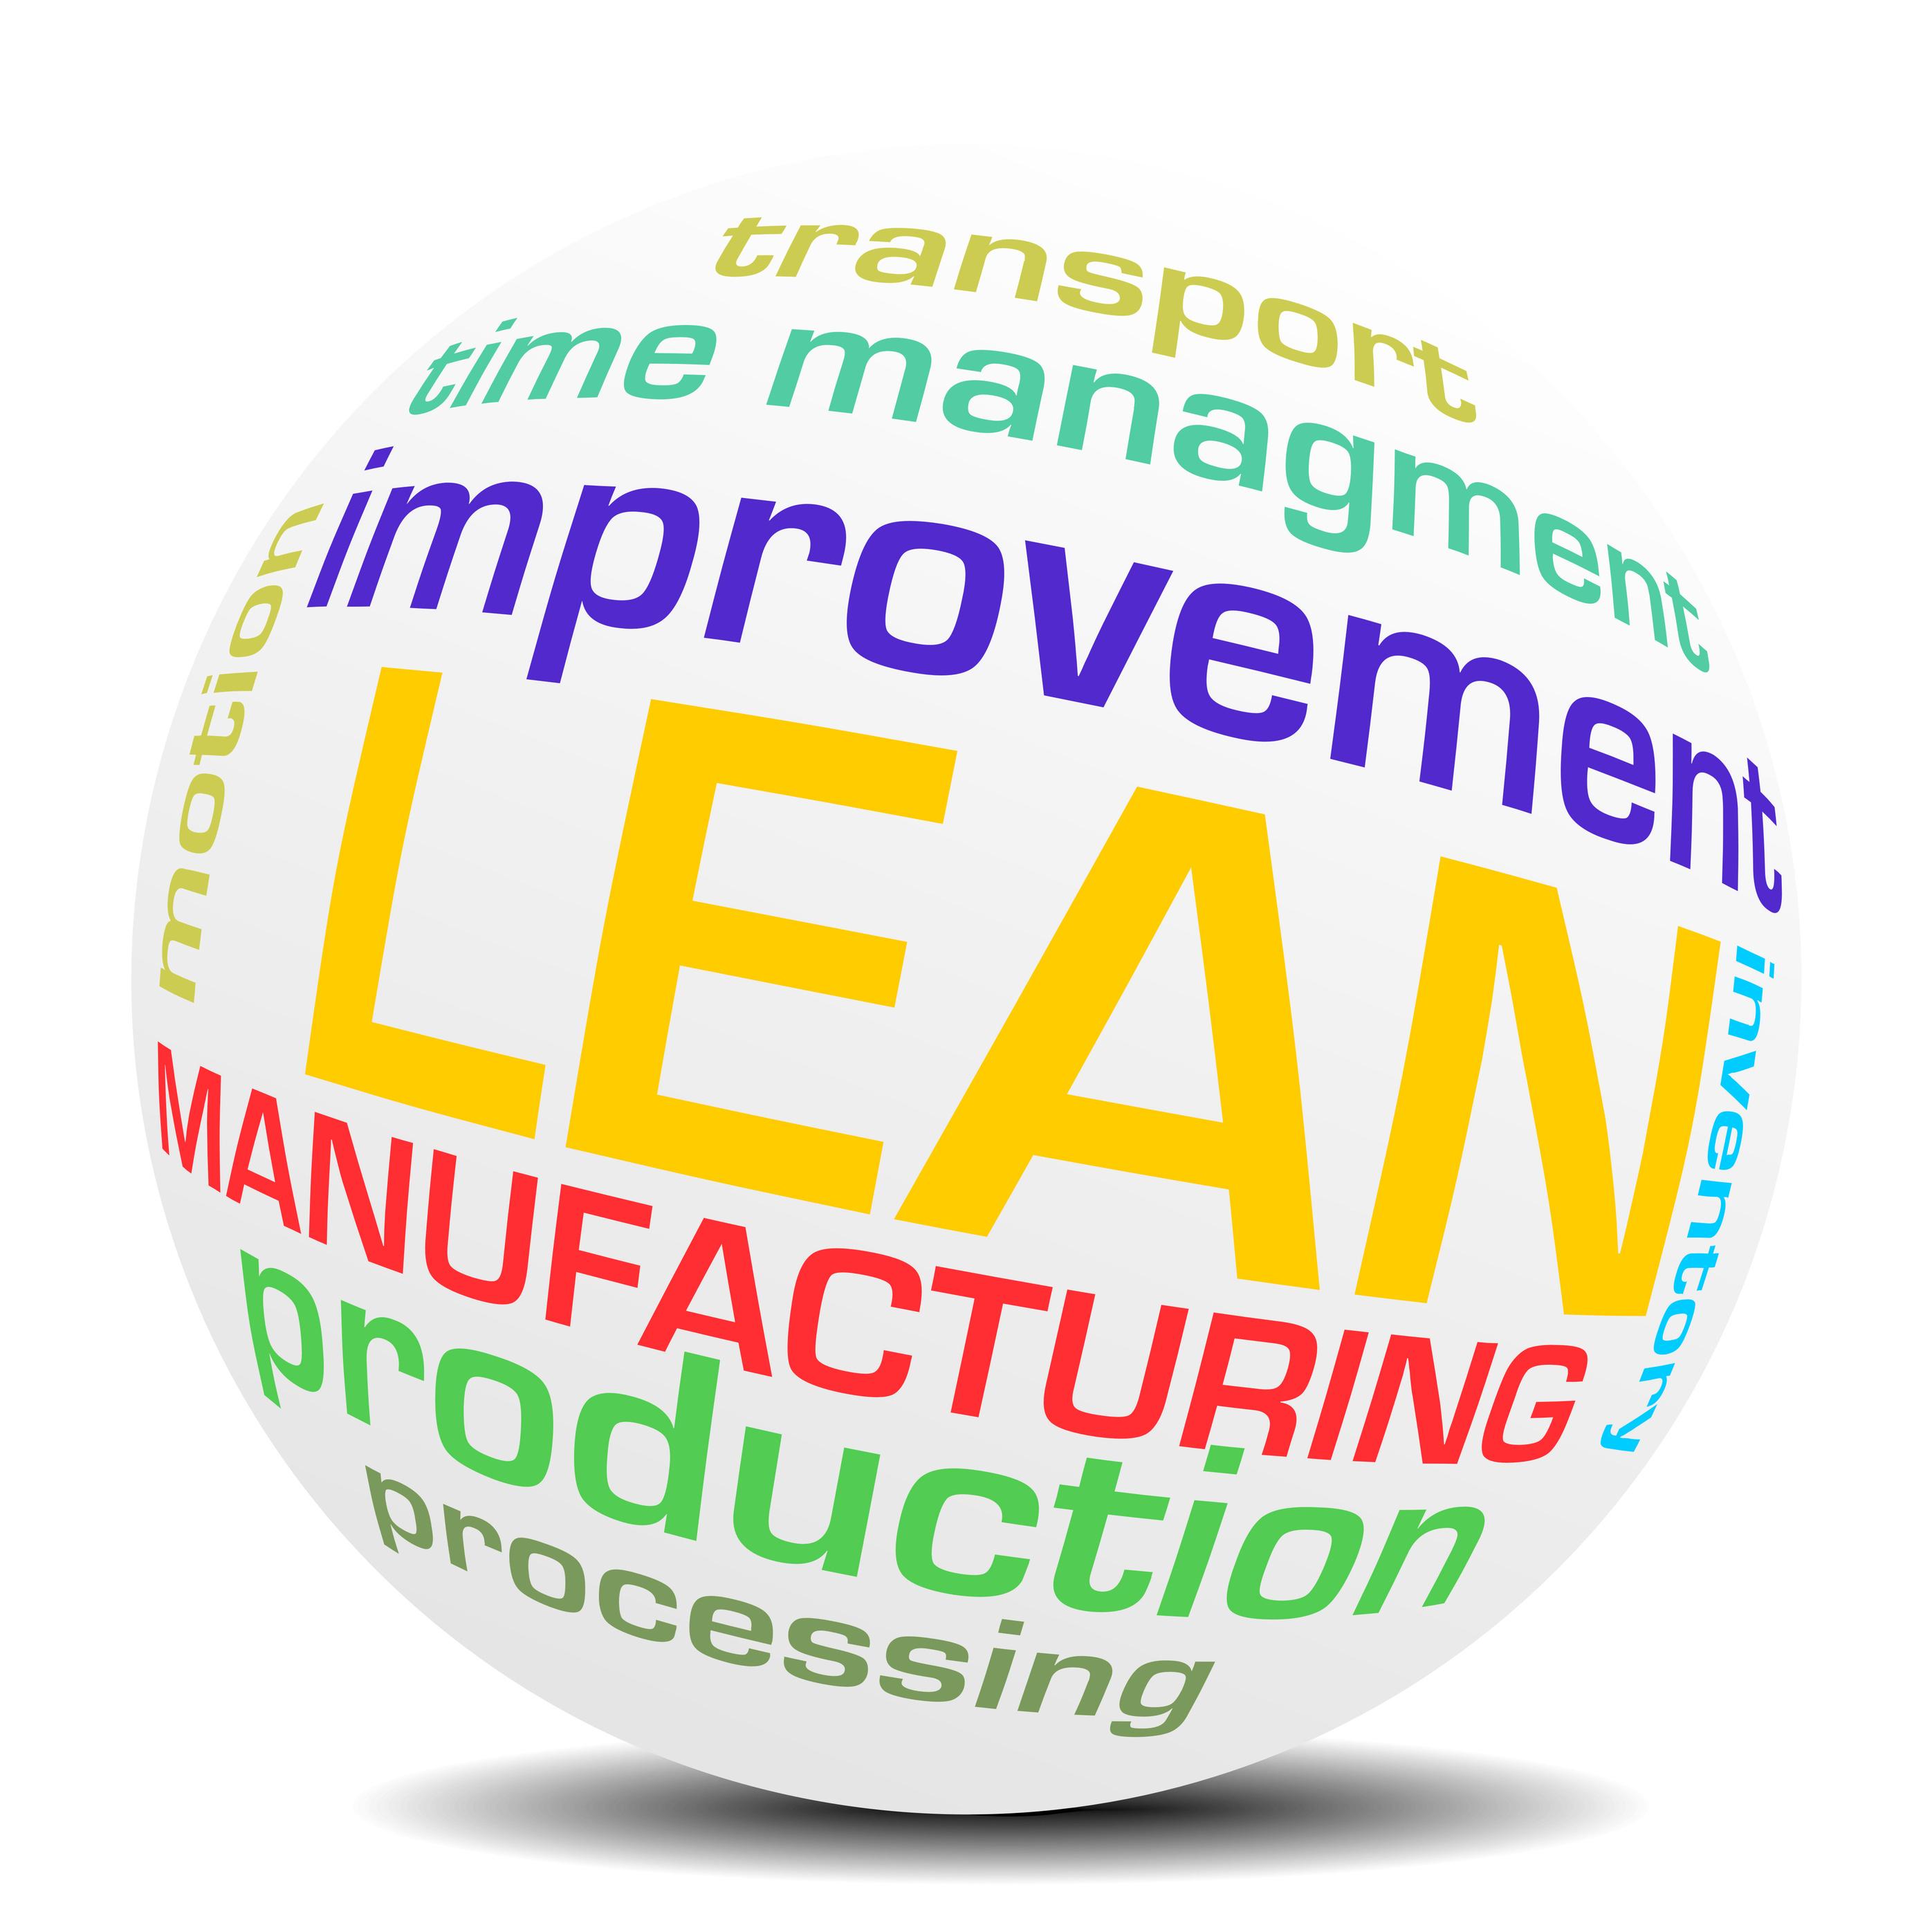 Lean, Startup, LeanStartup, RunningLean, SpecialesInvestigations, ManagementProjet, GestionProjet, EspritStartupStructure, Structure, Croissance, Organisation, Methodologie